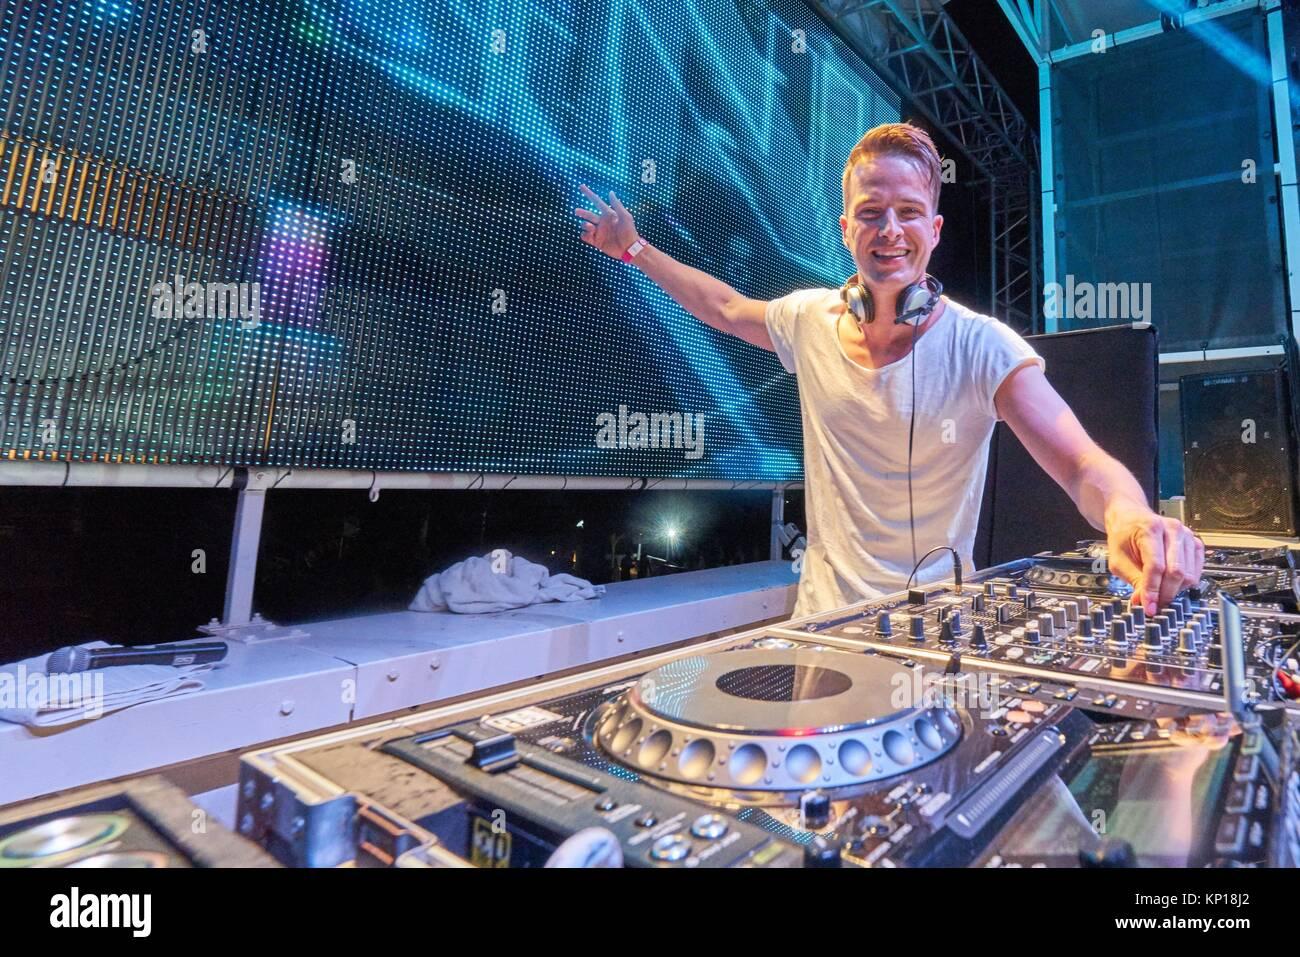 DJ Dannic an Musik Festival Starbeach am 14. August 2017 in Hersonissos, Kreta, Griechenland Stockbild